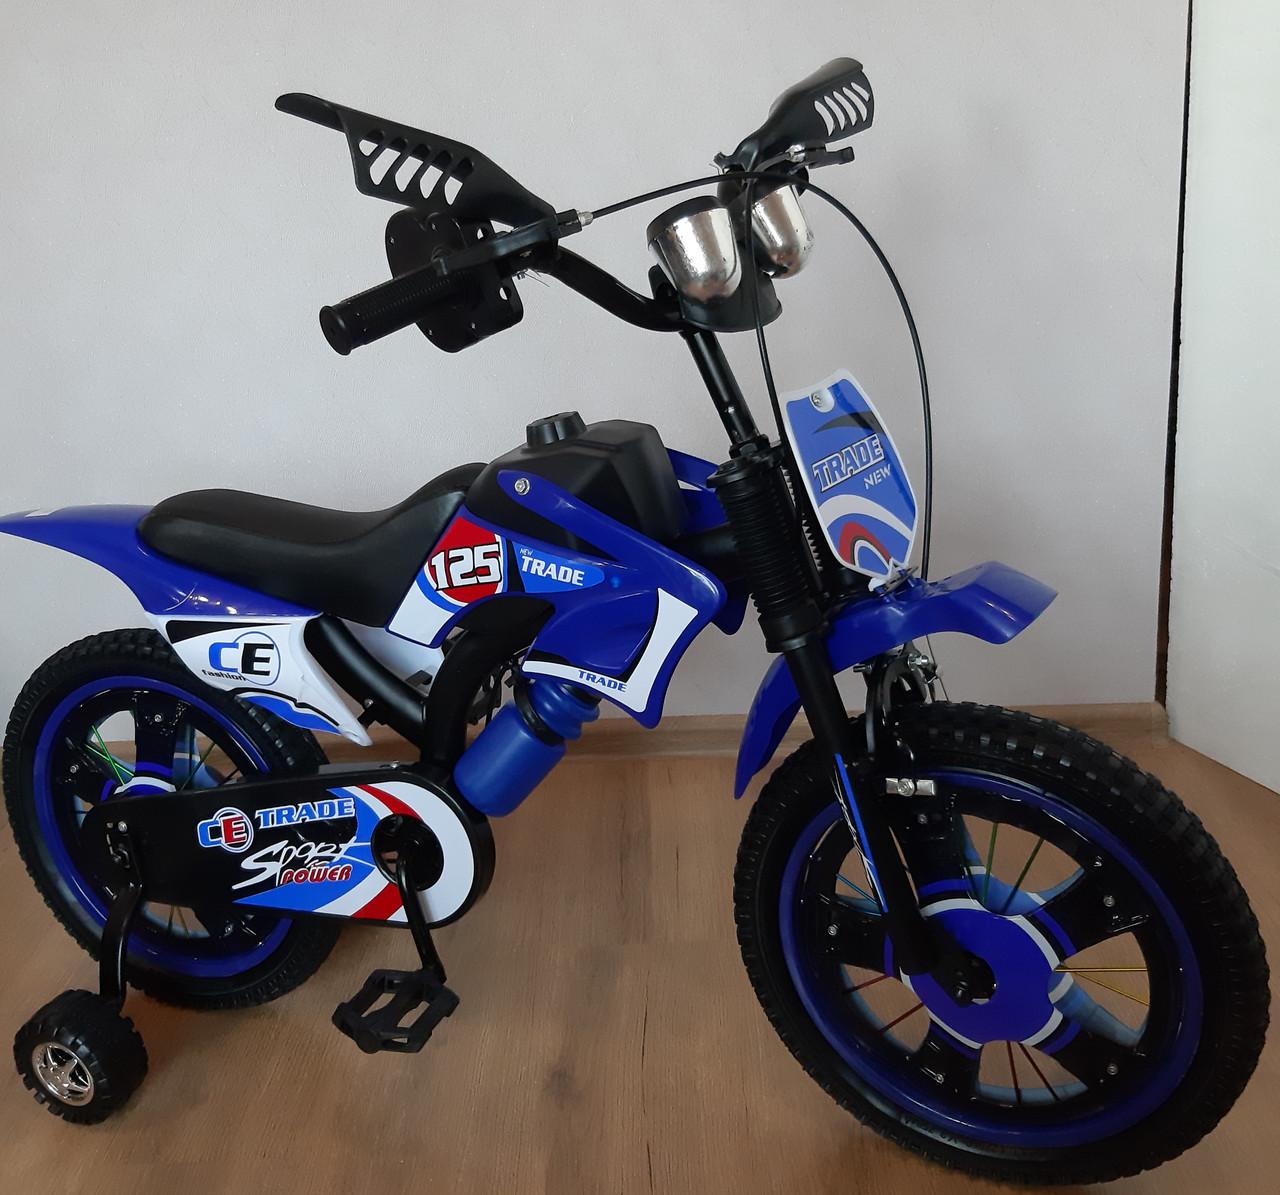 Детский велосипед Мотоцикл Trade двухколесный 12 дюймов. С дополнительными колесиками. На 2-4 года